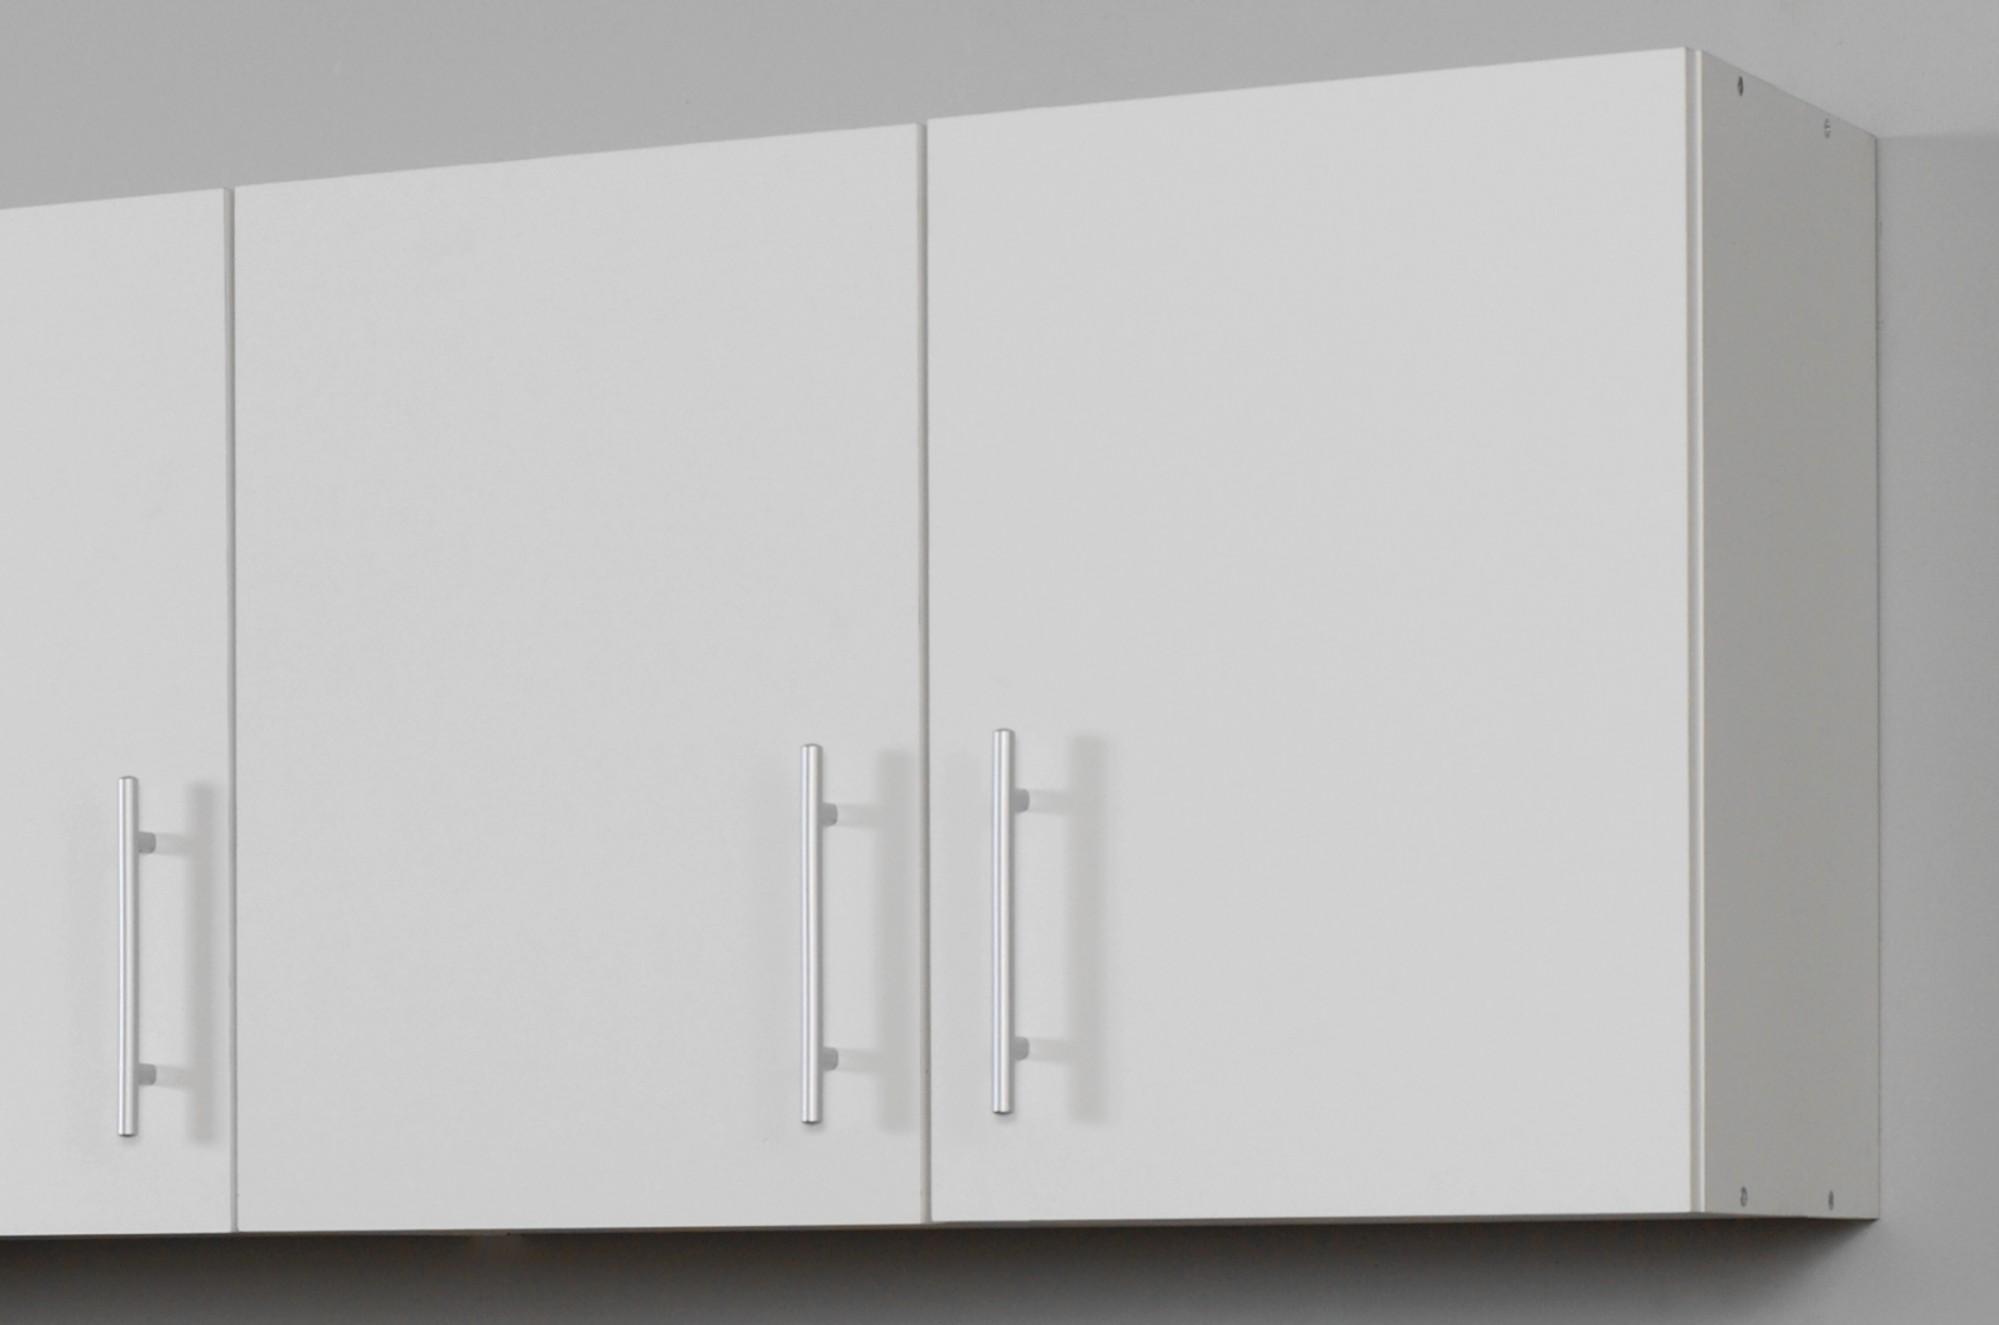 Miniküche Kühlschrank Austauschen : Bedienungsanleitung respekta pantry miniküche